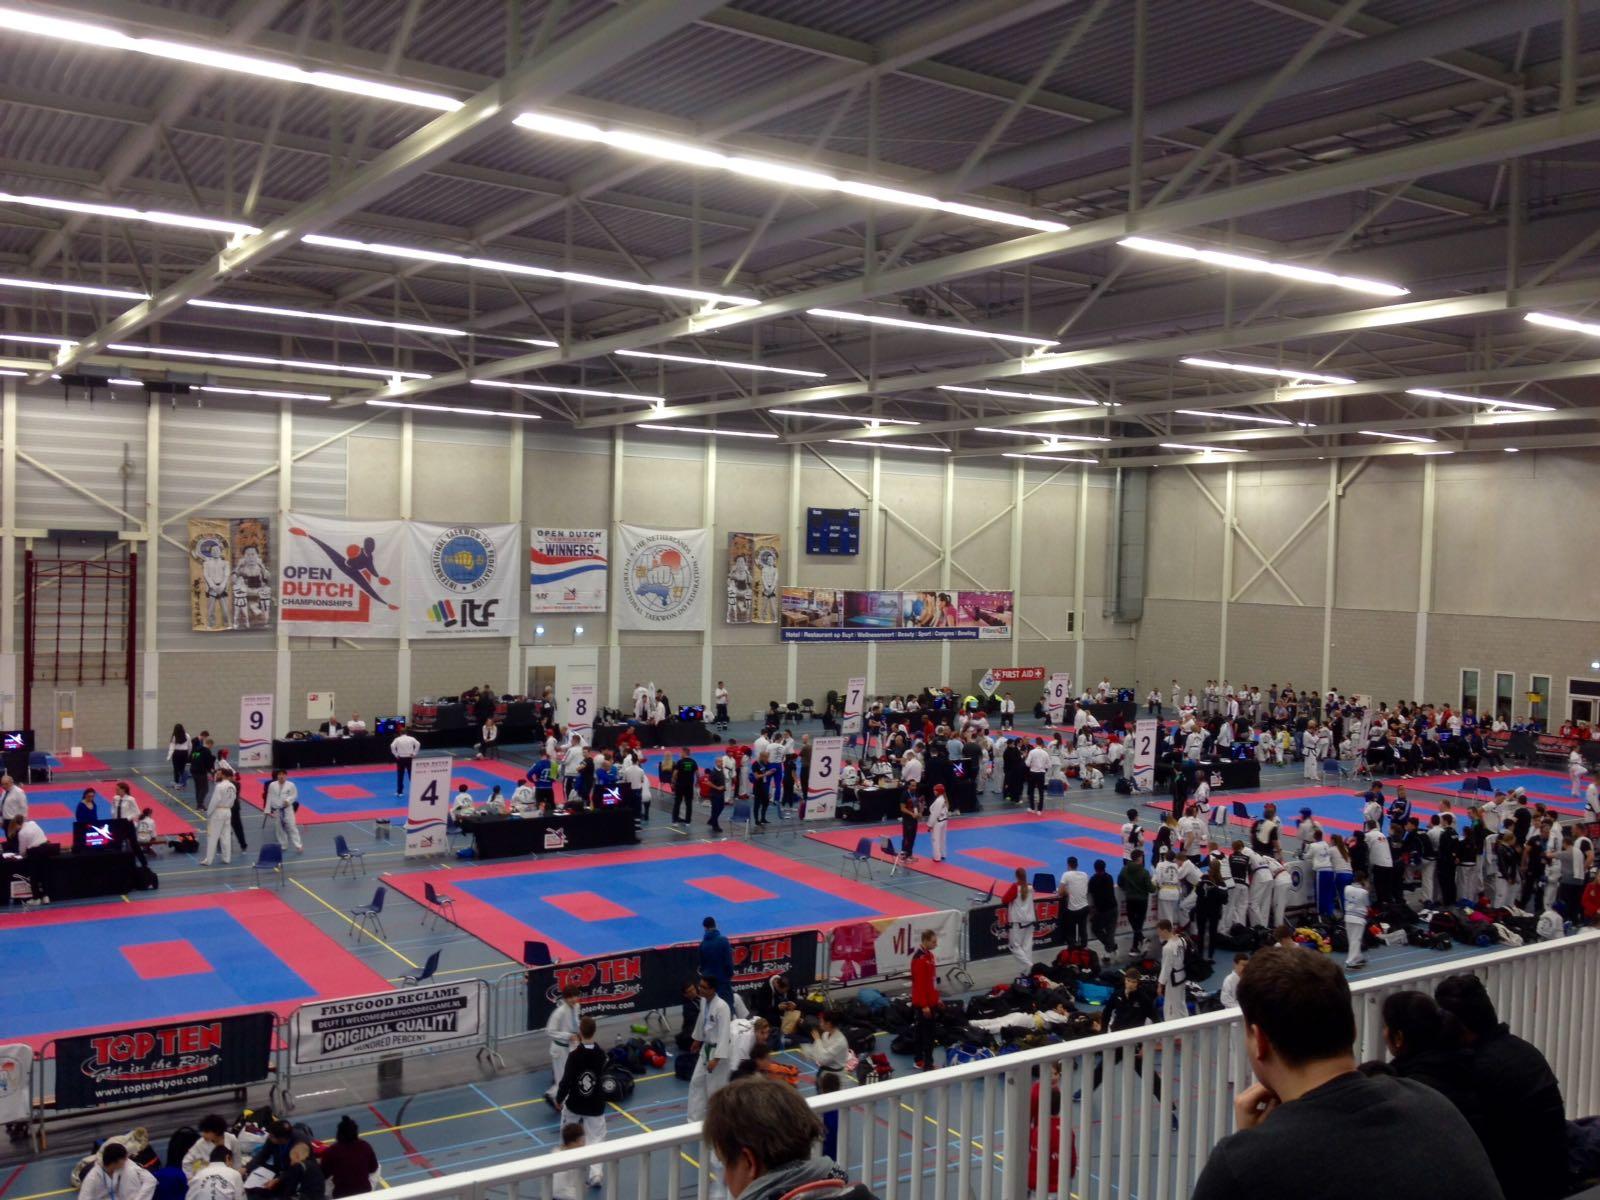 Open Dutch 2018